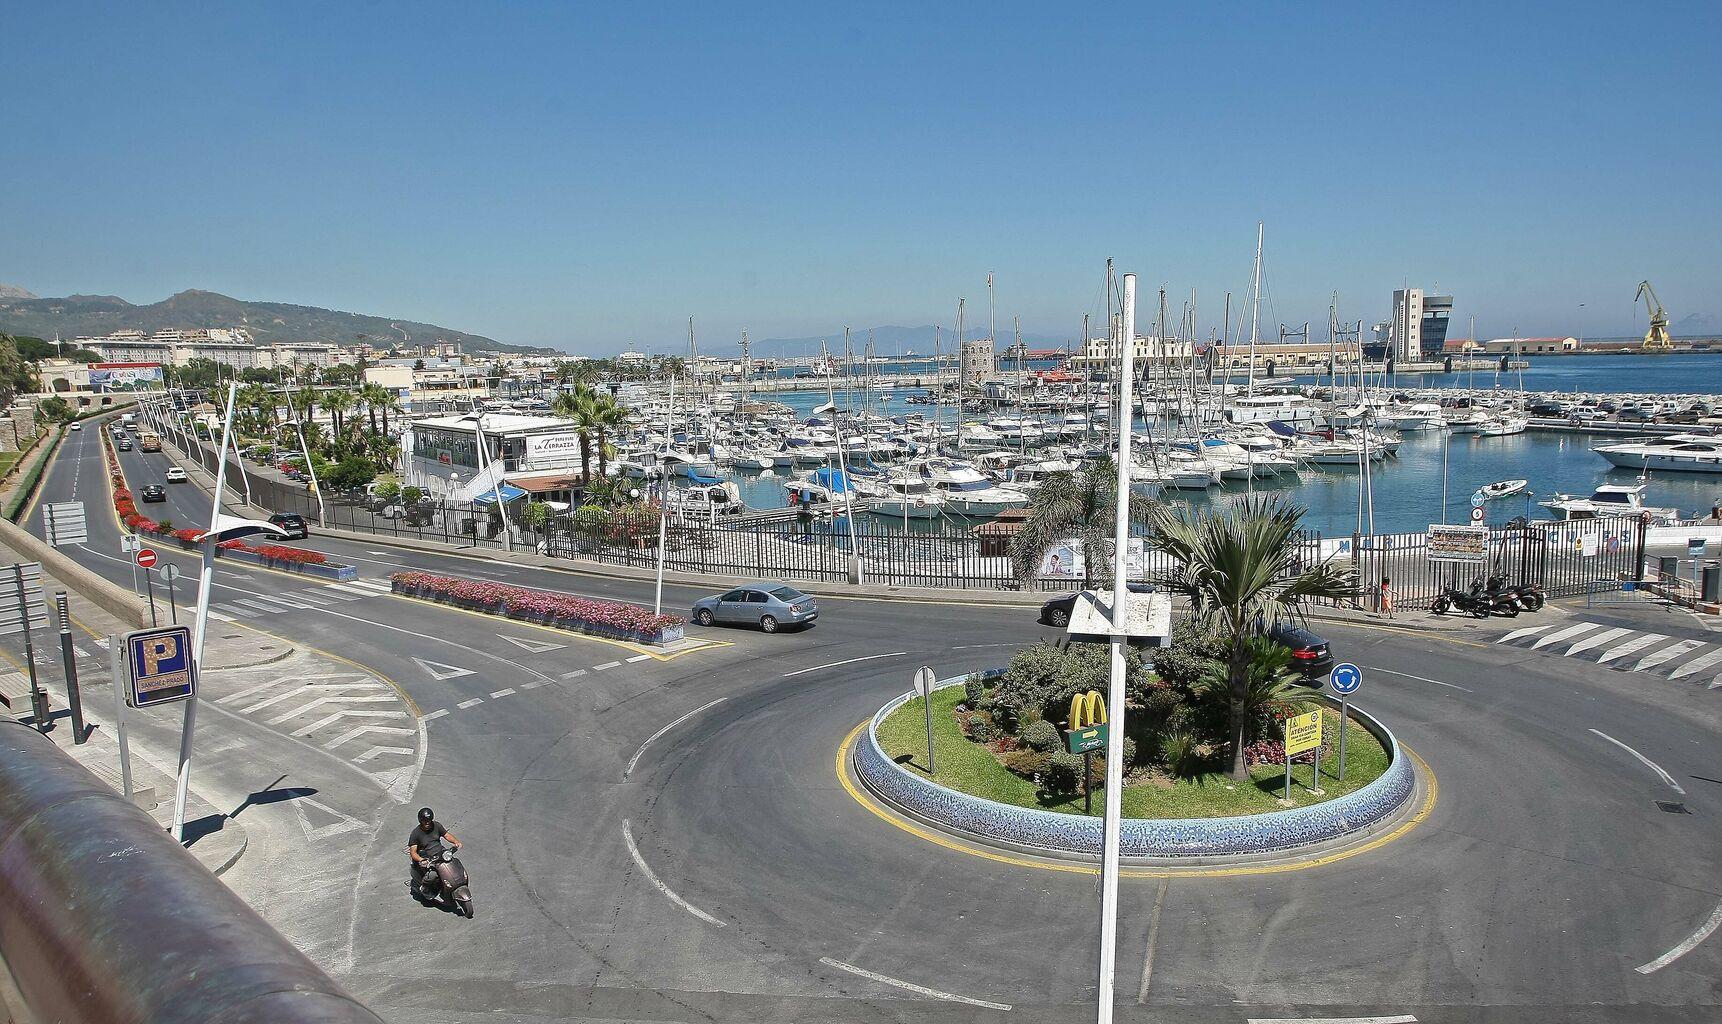 Campo de Gibraltar - cover